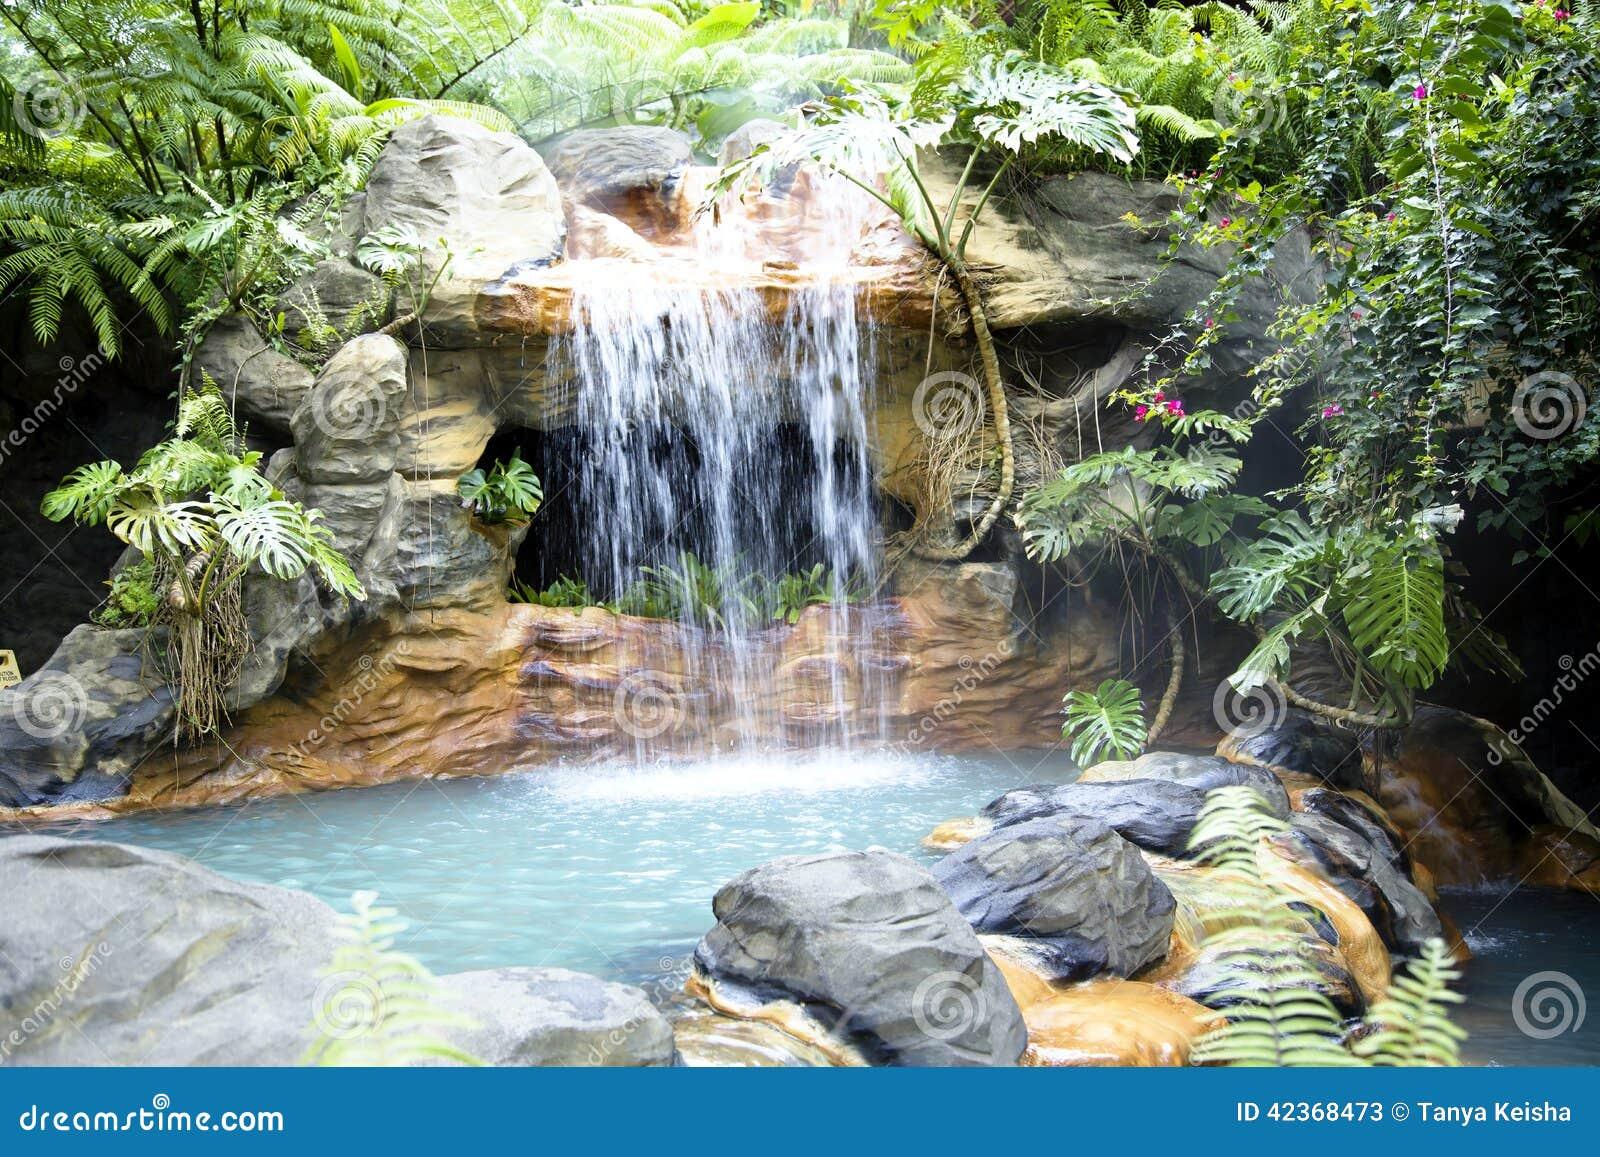 piscina con una cascada y un agua termal caliente imagen de archivo imagen de recurso selva. Black Bedroom Furniture Sets. Home Design Ideas